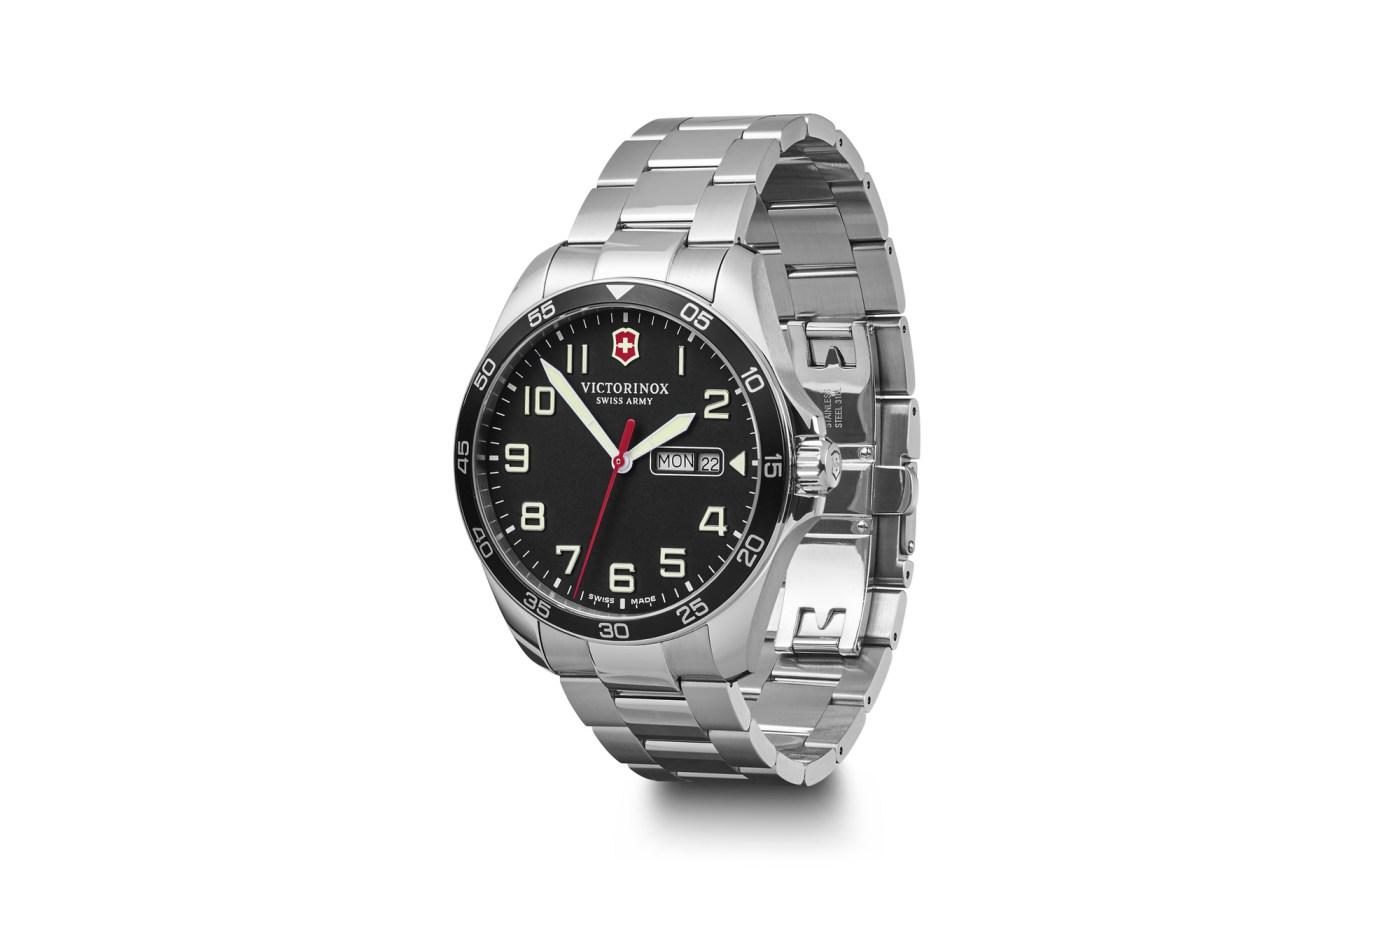 Victorinox FieldForce on stainless steel bracelet